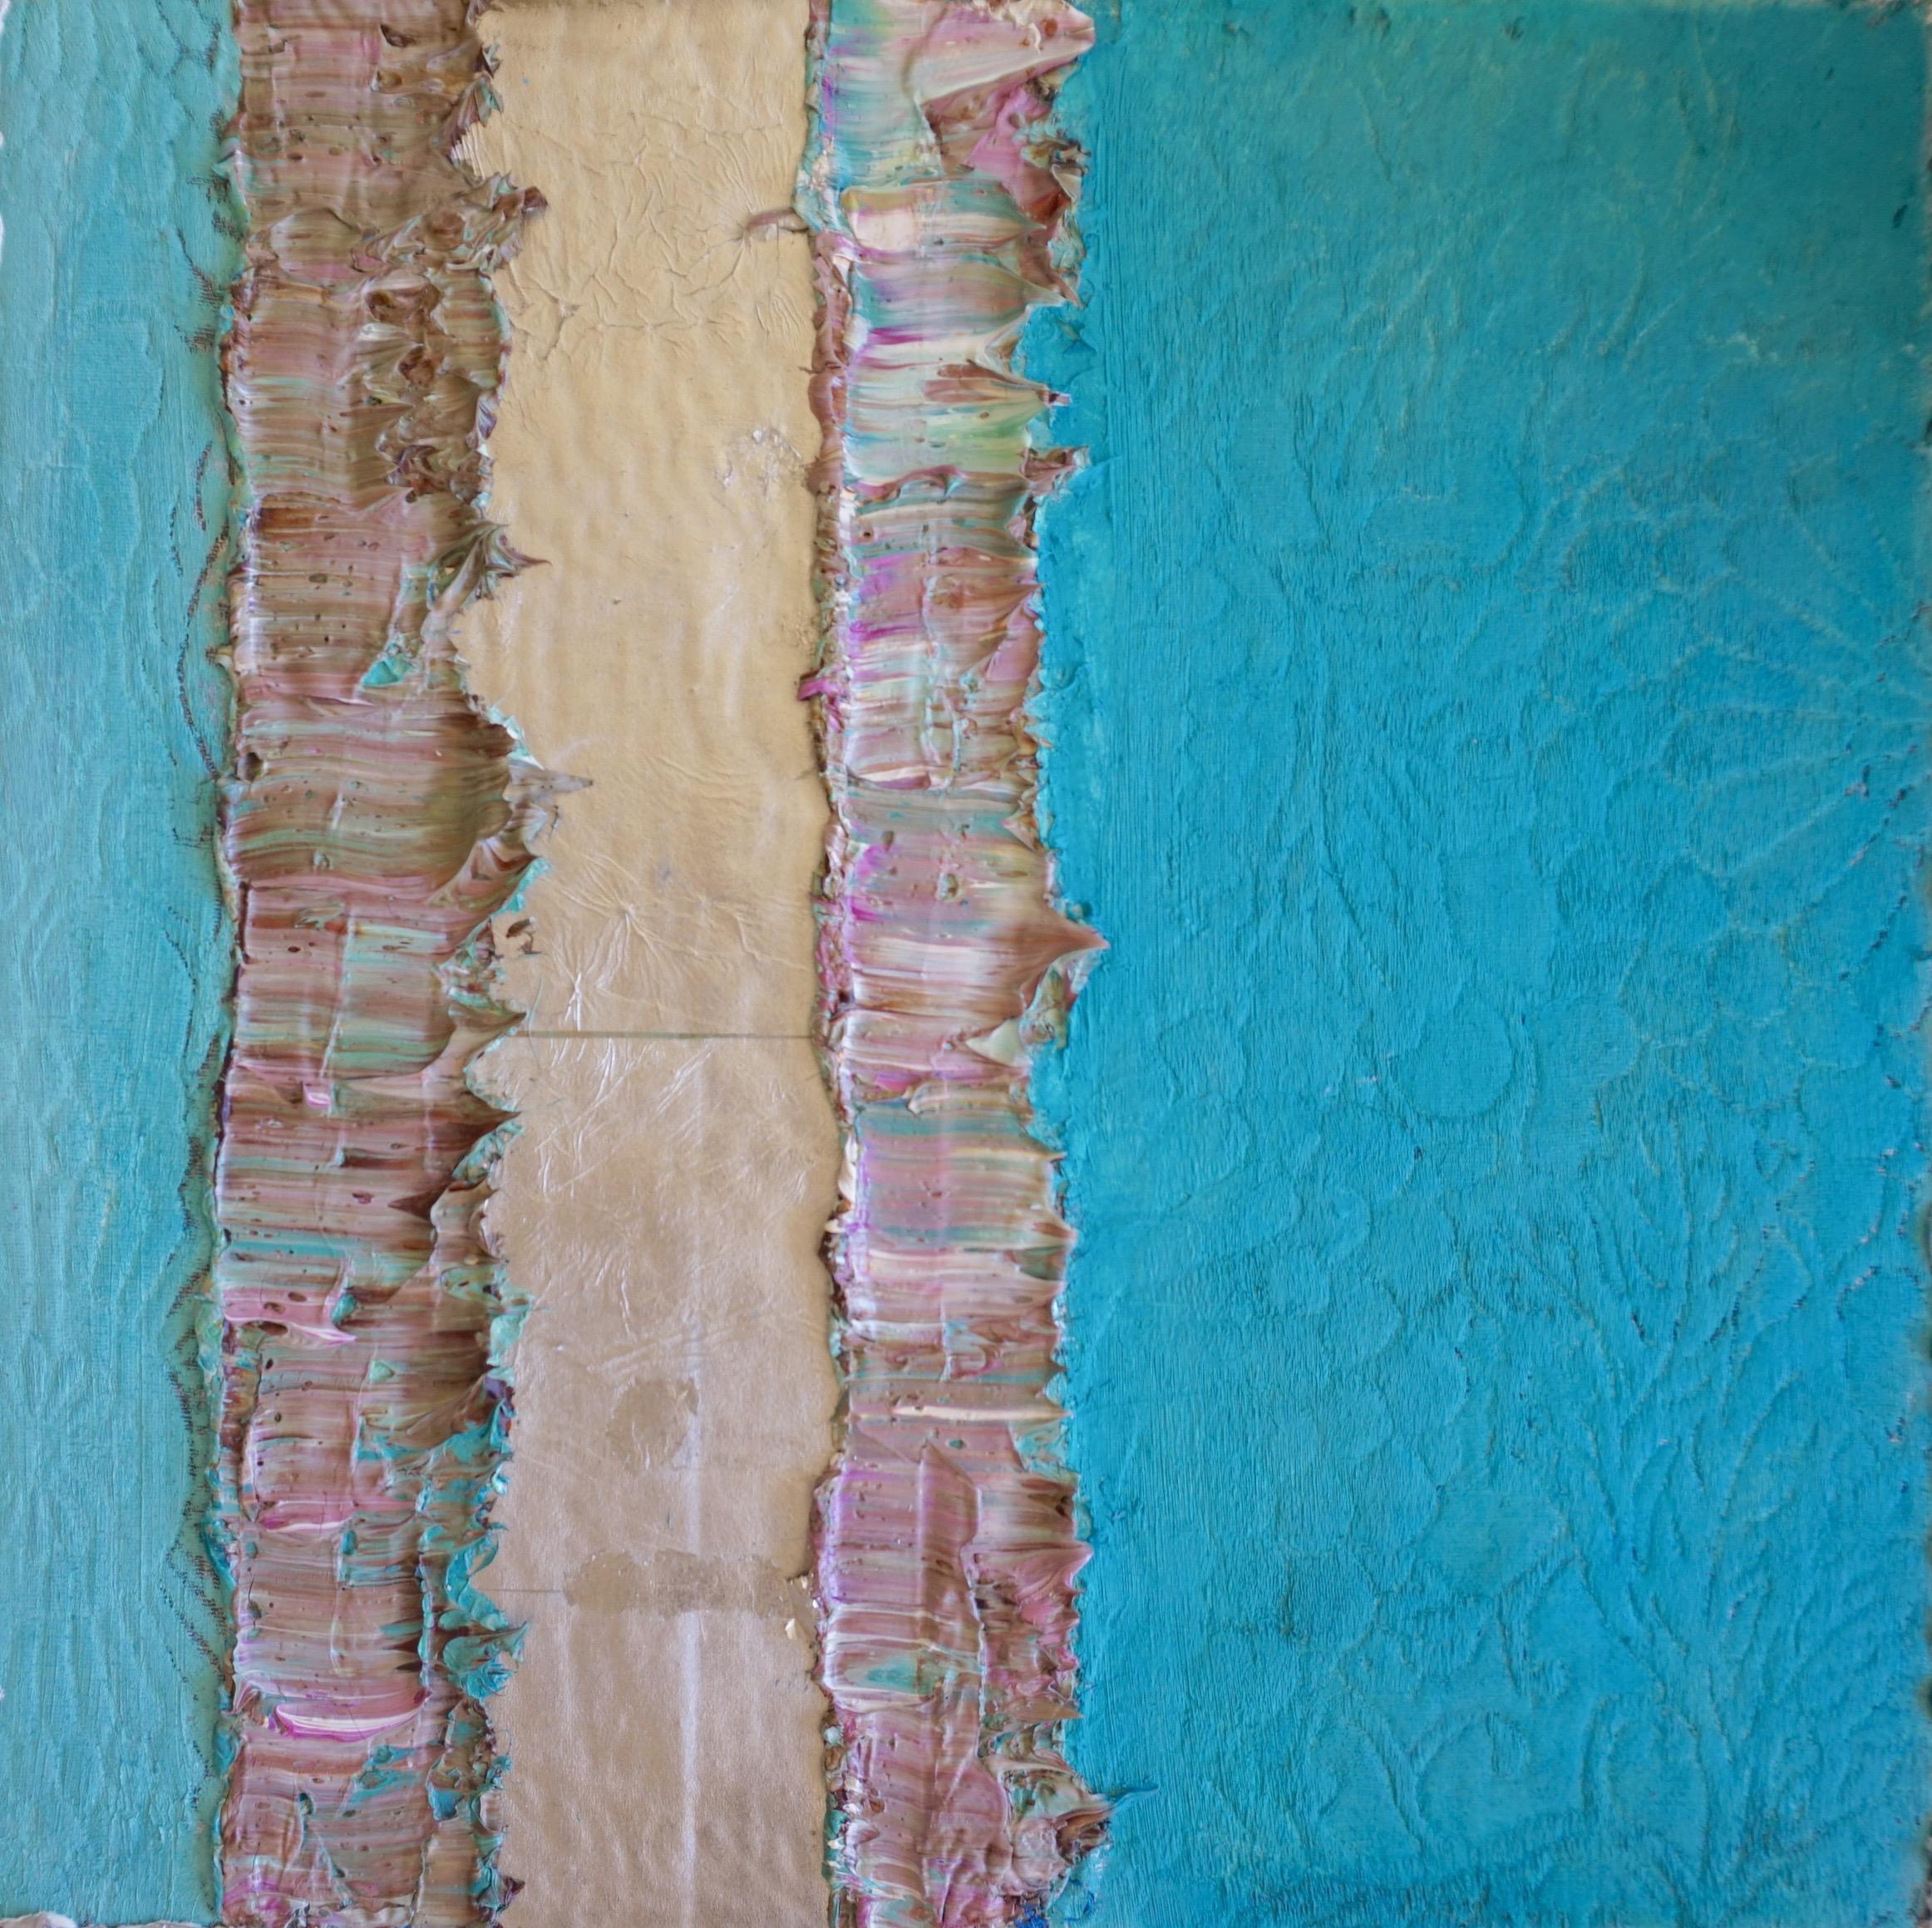 Color Derivatives #71 by Natasha Zupan